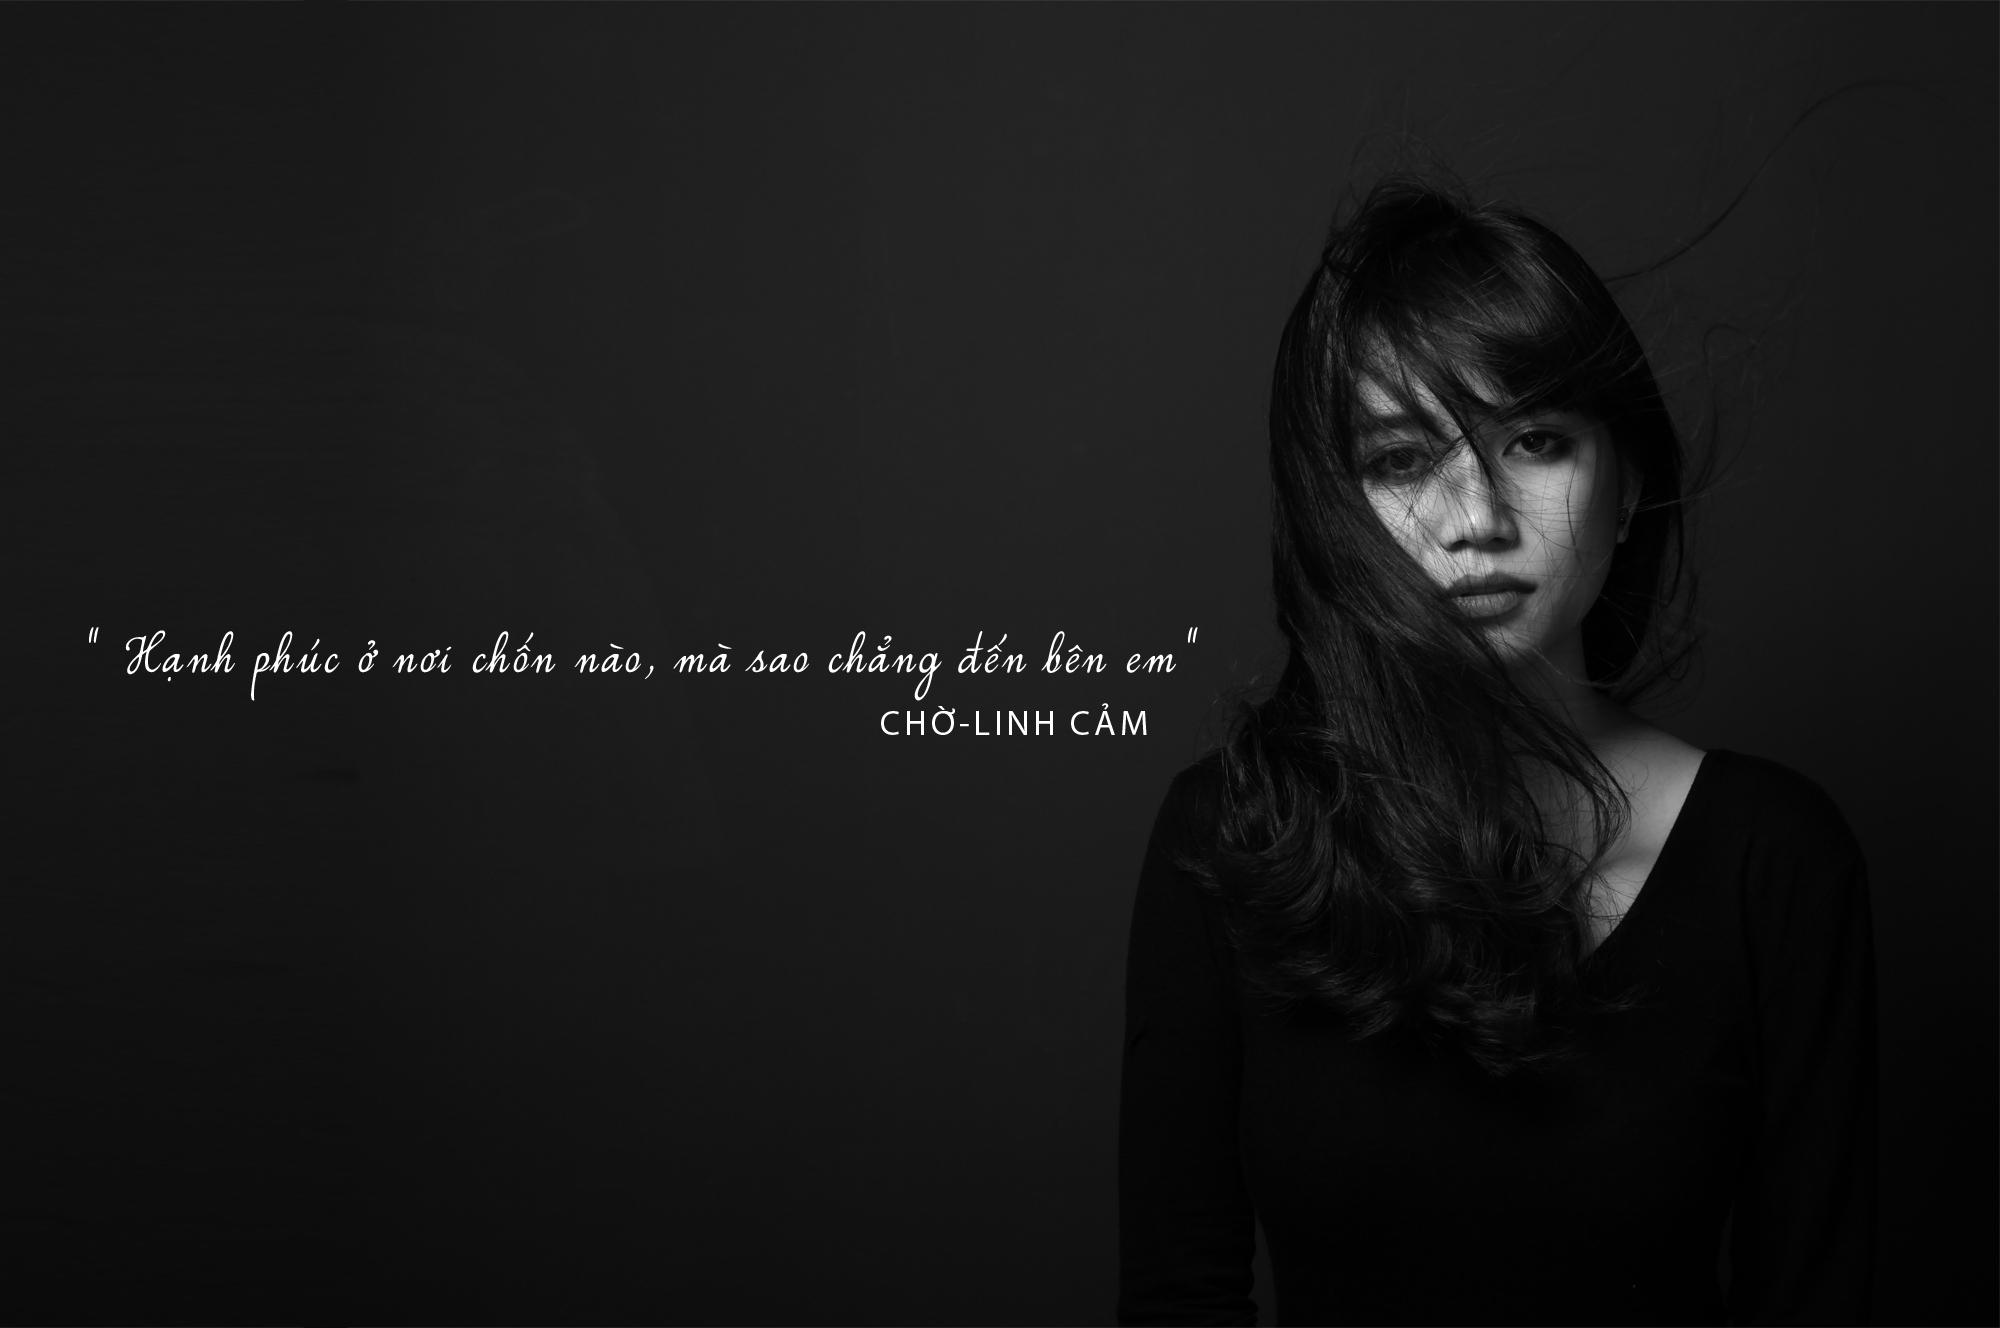 Sĩ Thanh độc thoại nội tâm với Linh Cảm